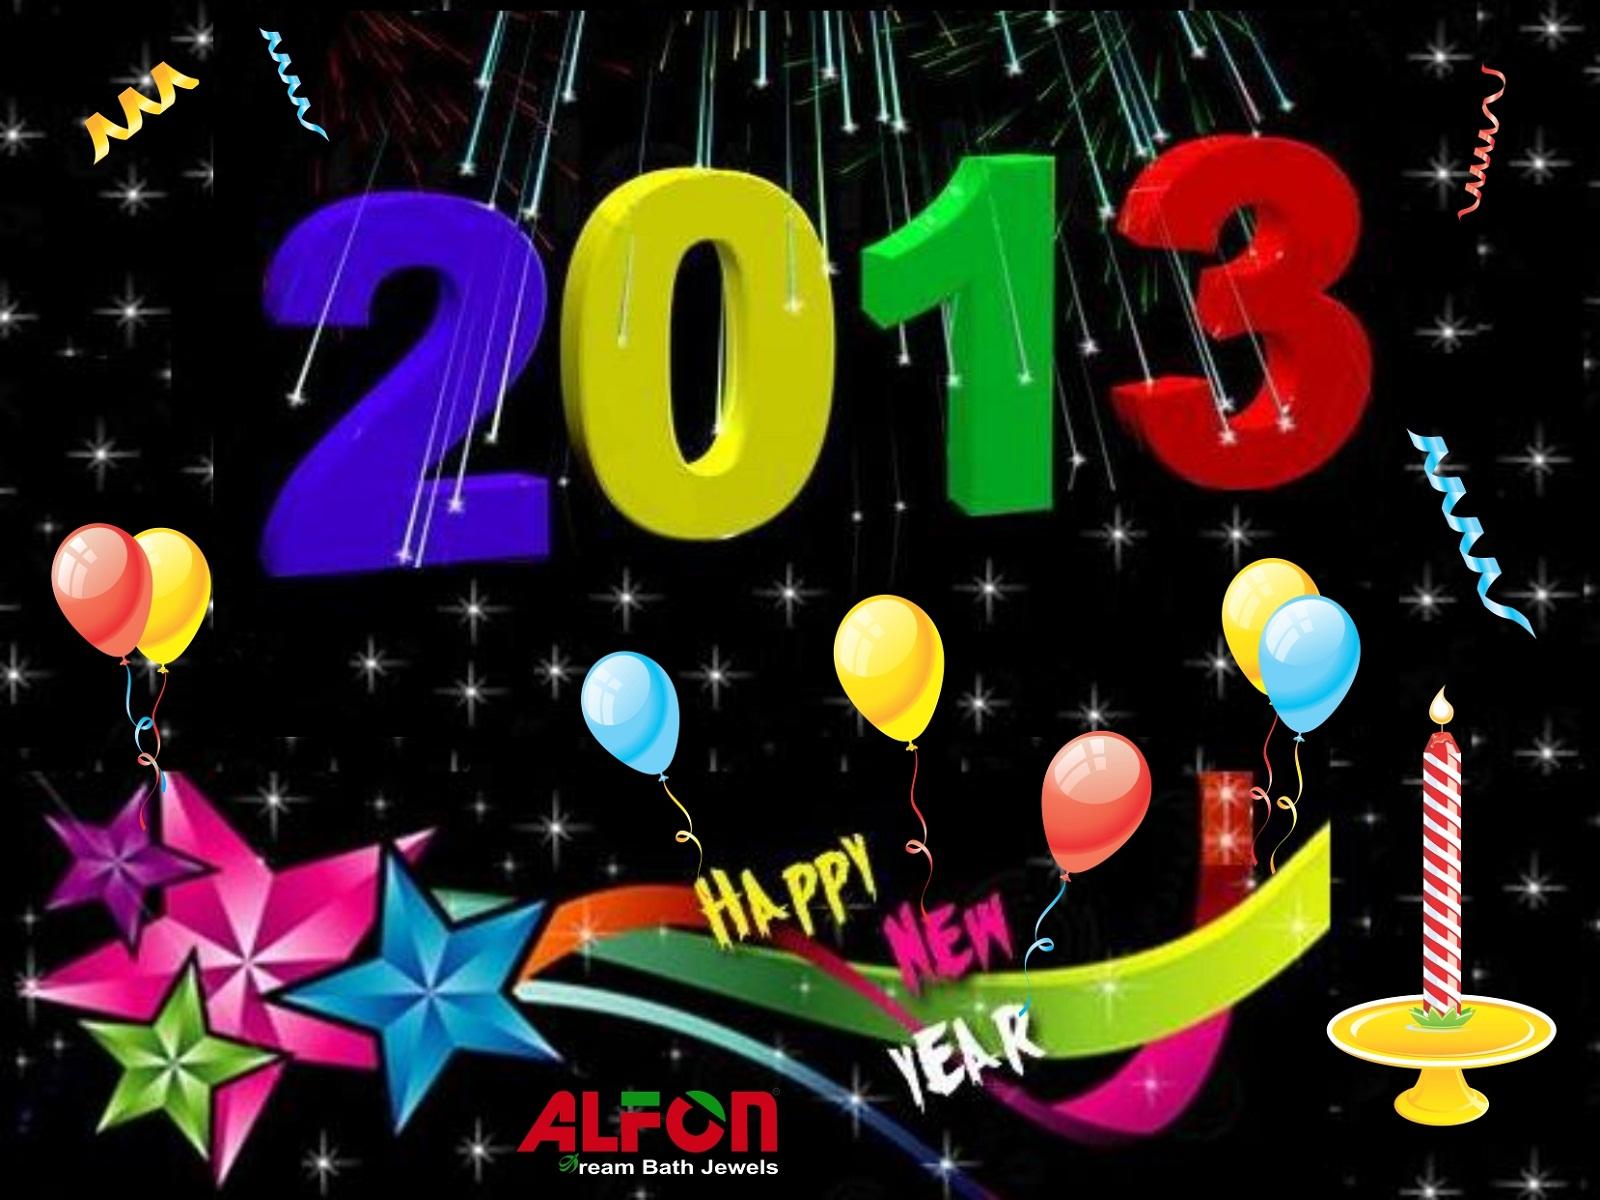 http://3.bp.blogspot.com/-wjcGLX-kcM4/UM7B_ZIW_ZI/AAAAAAAA78Q/GCRiA5i3i_c/s1600/hinh+nen+do+phan+giai+cao+2013+%283%29.jpg